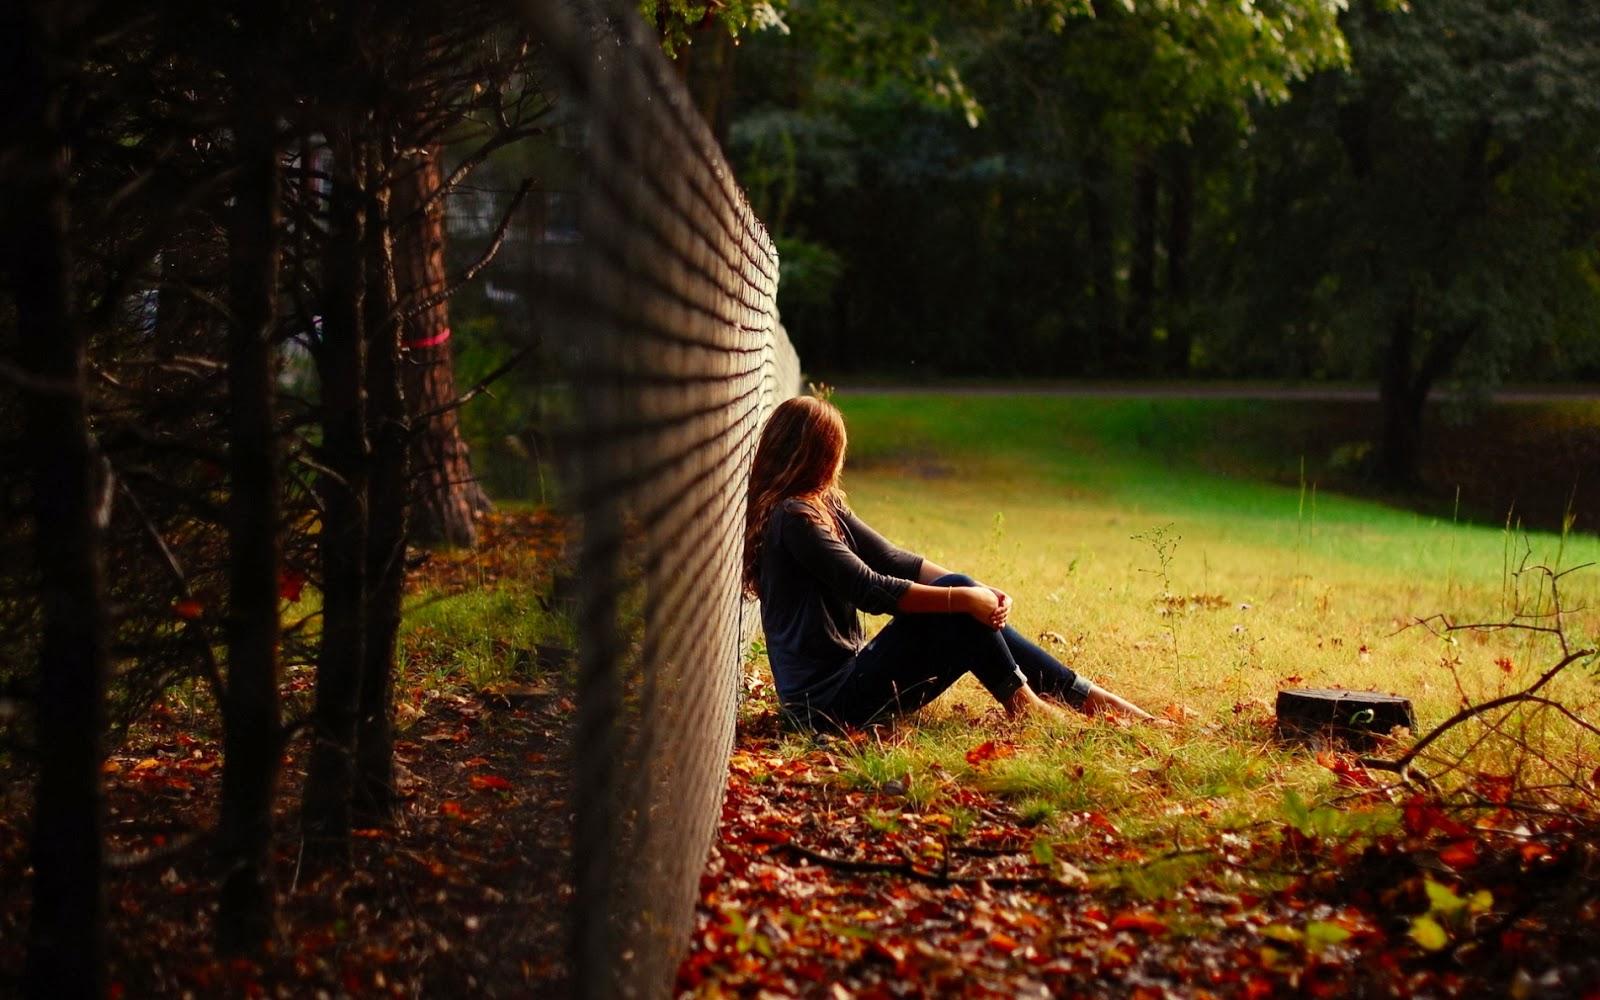 دانلود عکس و والپیپر دختر عاشق تنها و غمگین در پاییز